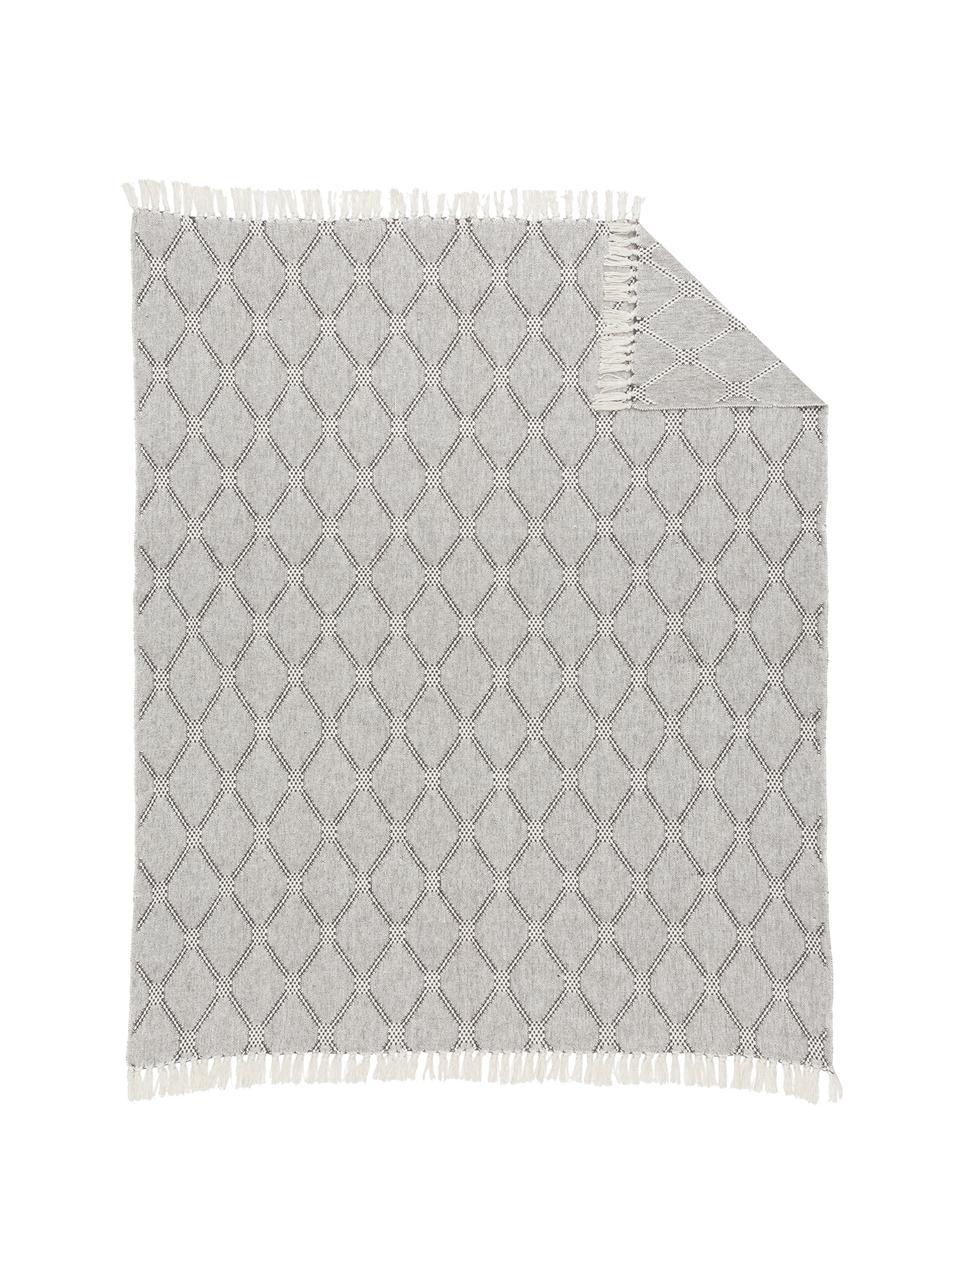 Plaid Diamond mit Rautenmuster, 100% Baumwolle, Grau, Schwarz, Weiß, 125 x 150 cm